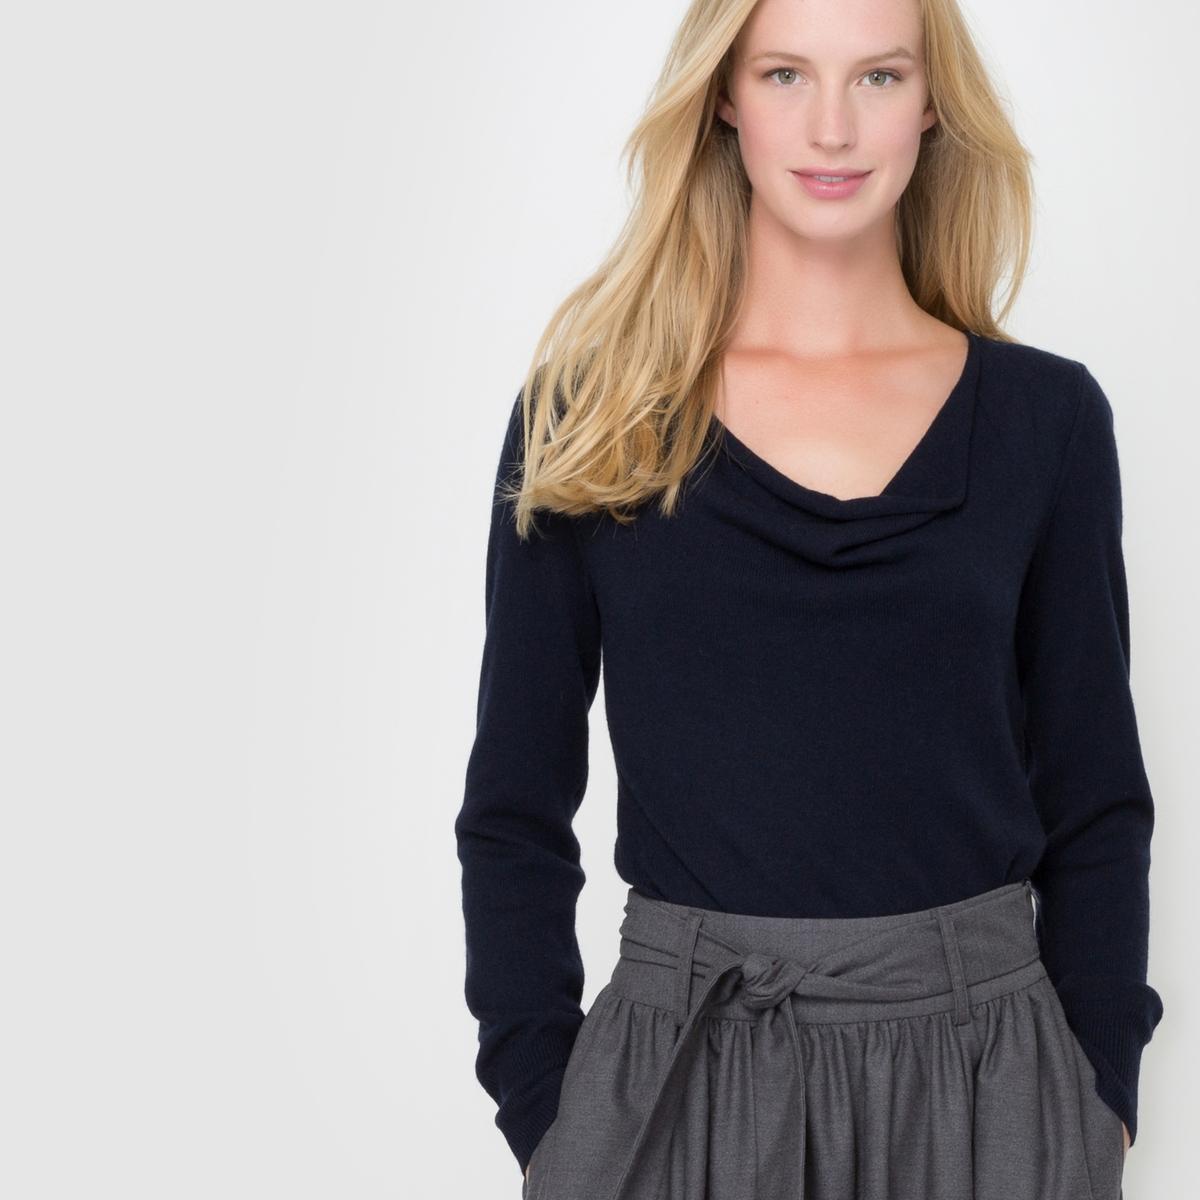 Пуловер с драпировкой на вырезе, 100% кашемираПуловер с драпировкой на вырезе. Длинные рукава. Края рукавов и низа связаны в рубчик. Джерси, 100% кашемира. Длина 64 см.<br><br>Цвет: темно-синий